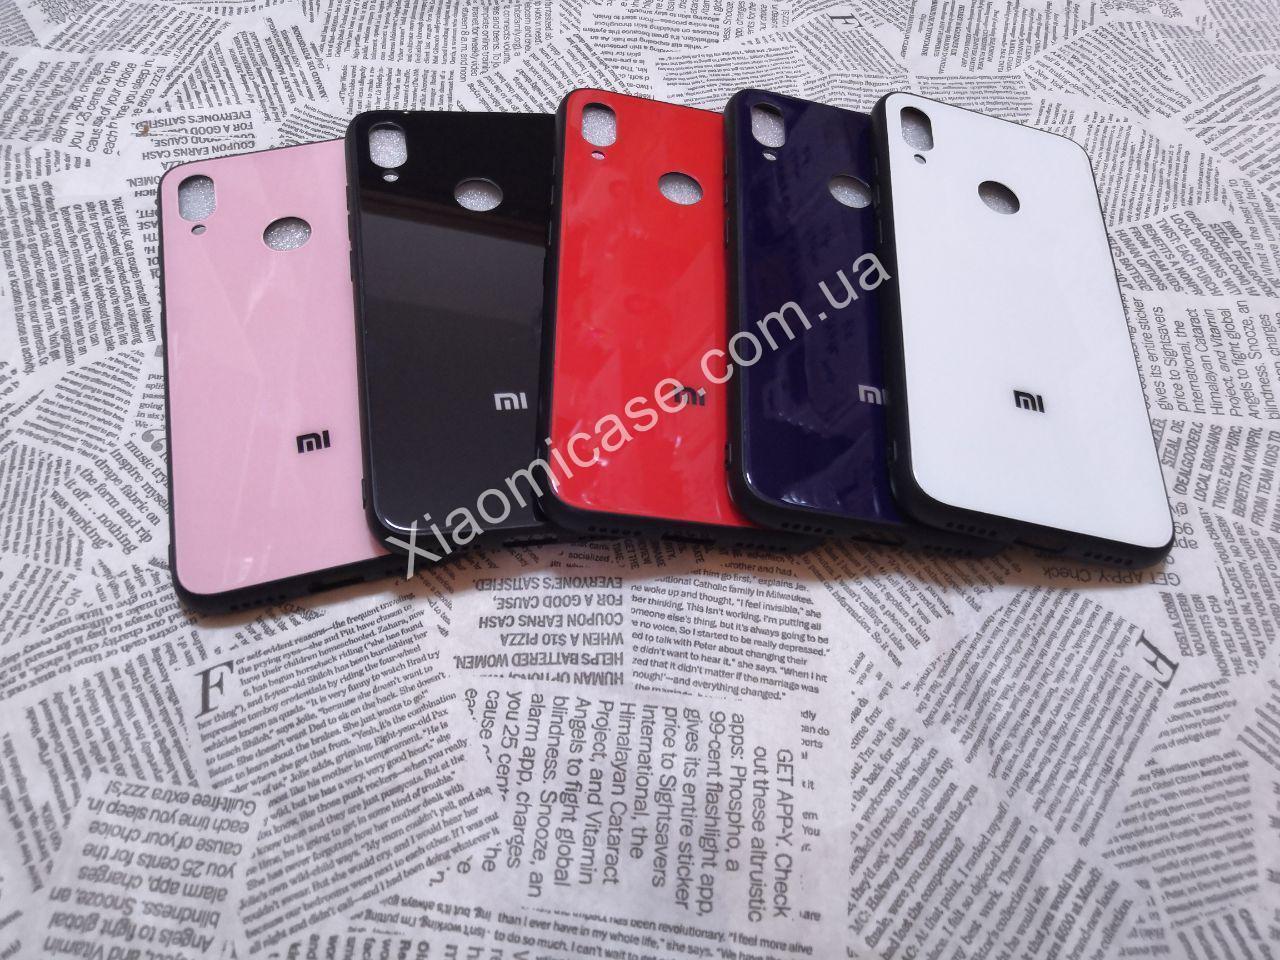 Чехол Стекло Бренд (обод силиконовый) для Xiaomi (Ксиоми) Redmi Note 5 / Note 5 Pro